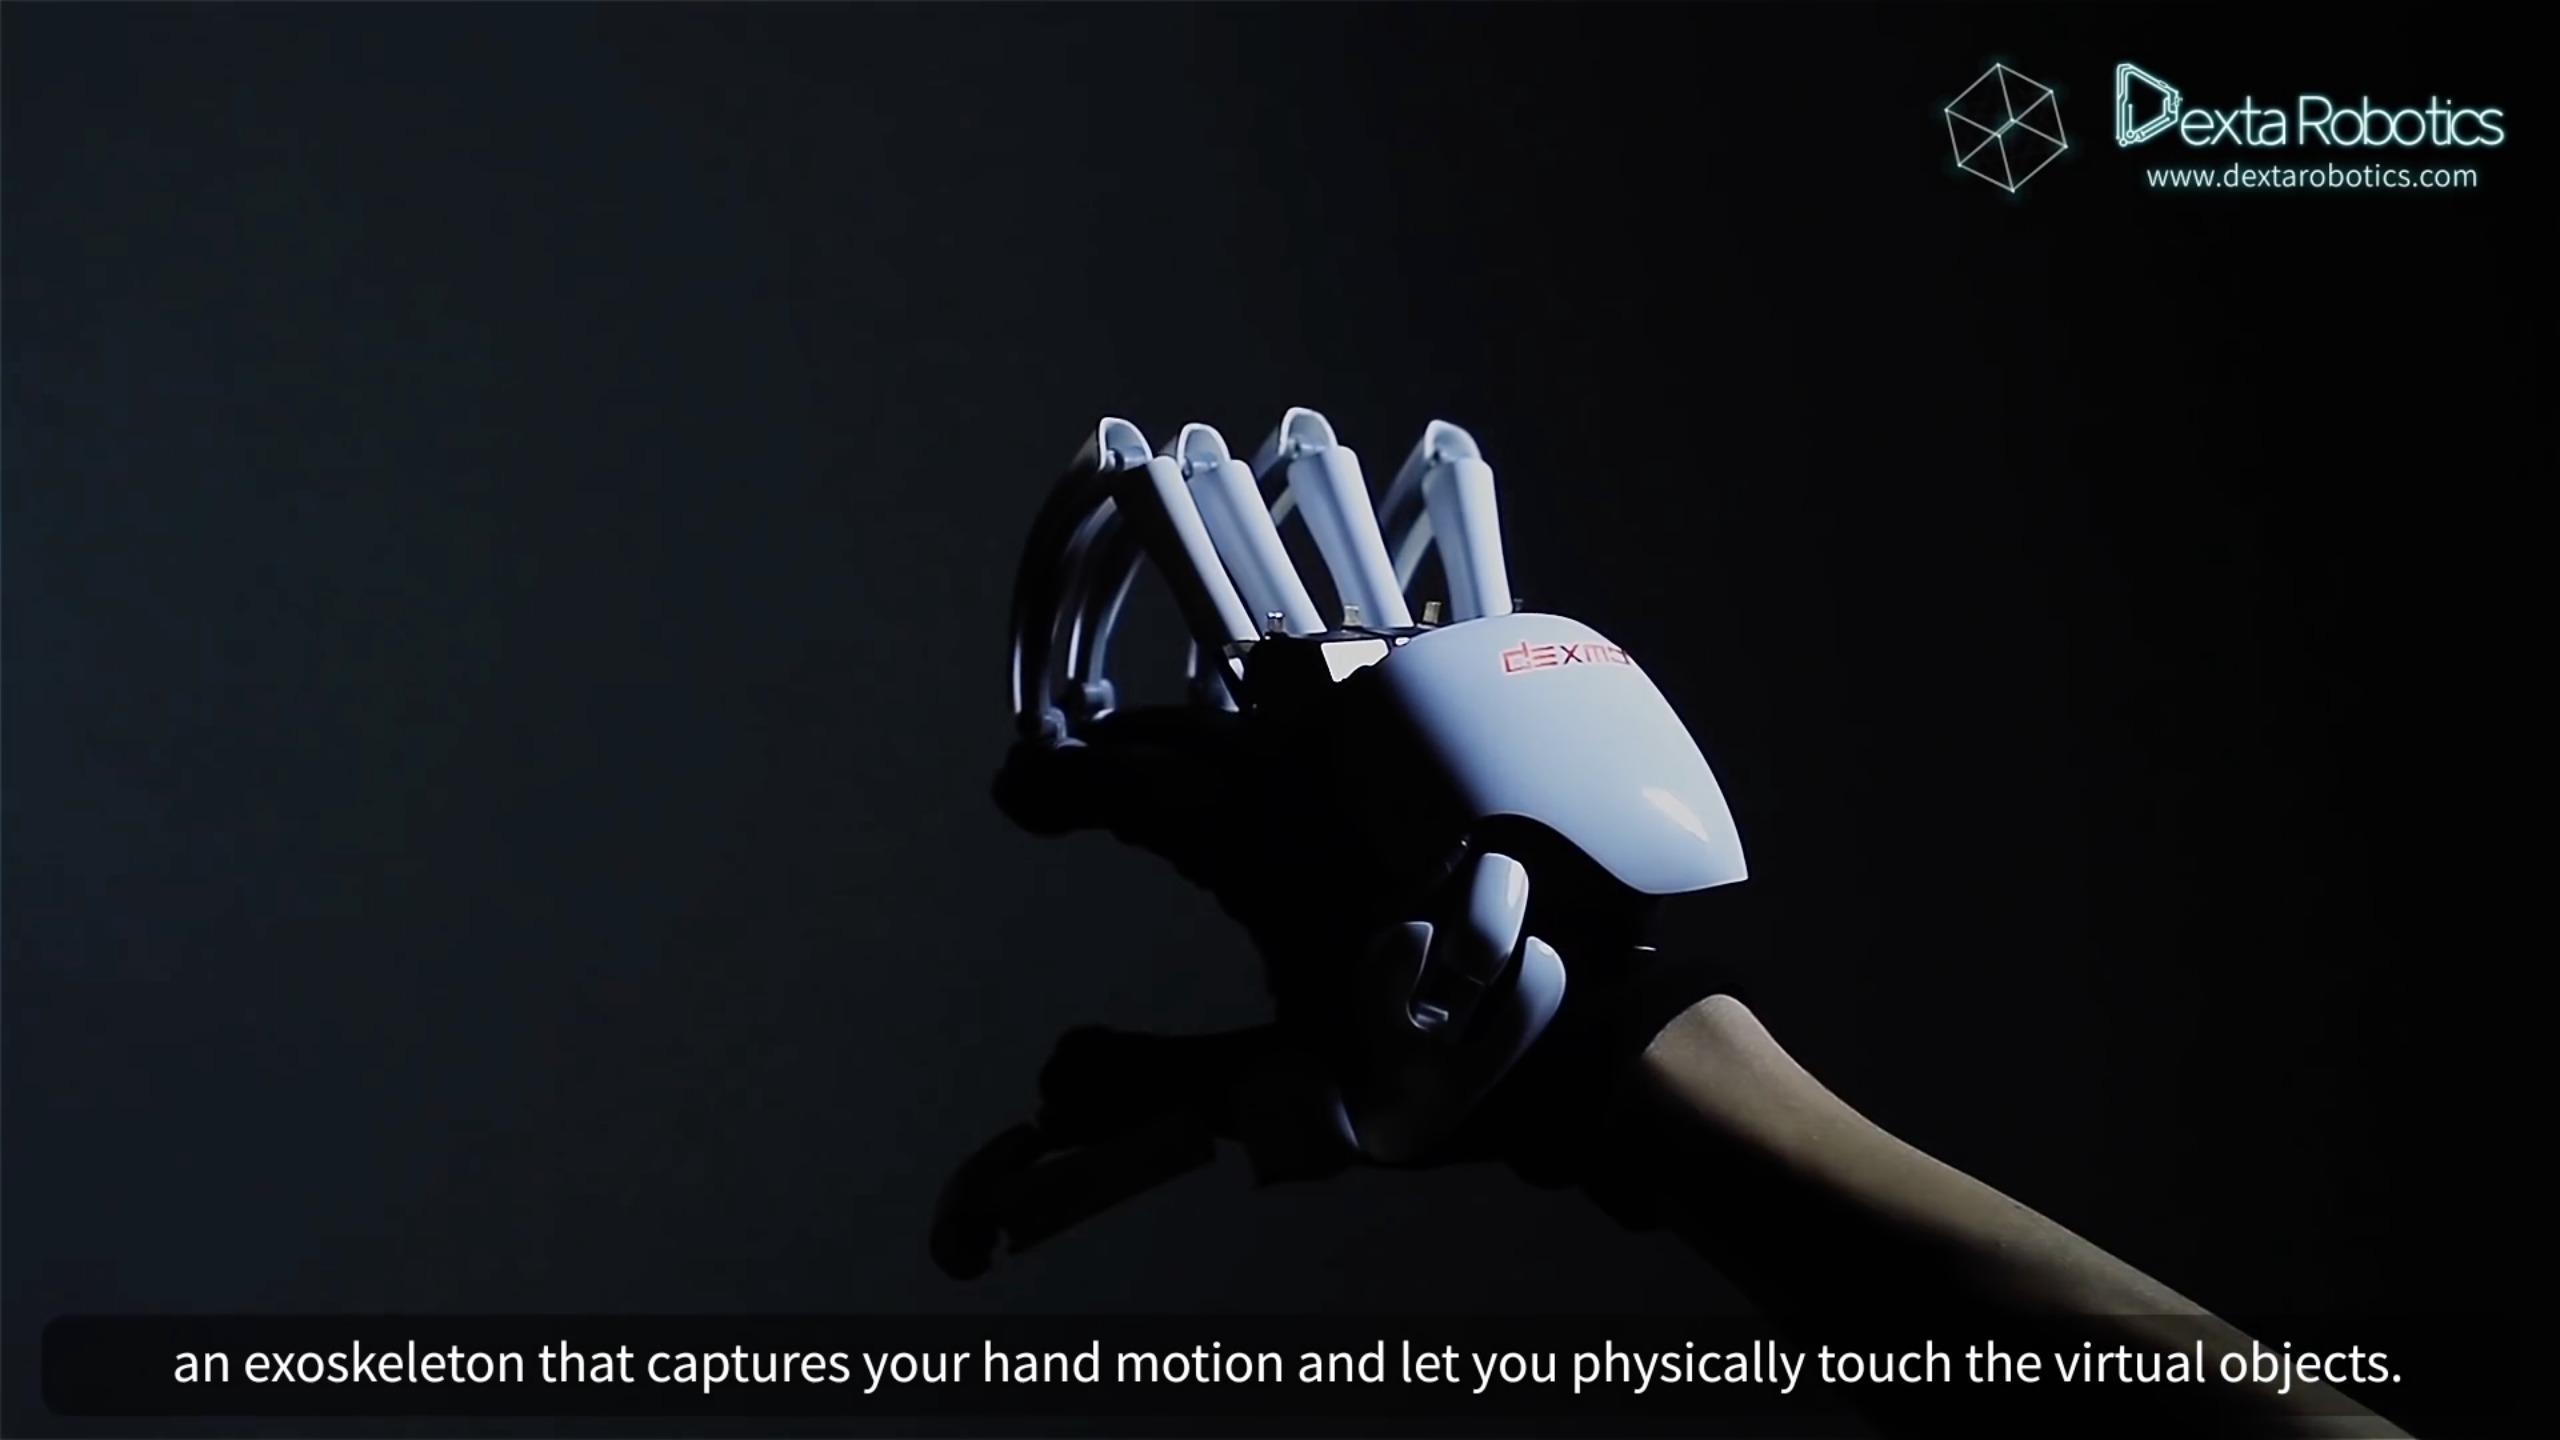 Disse hanskene skal la deg føle objekter i den virtuelle verden.